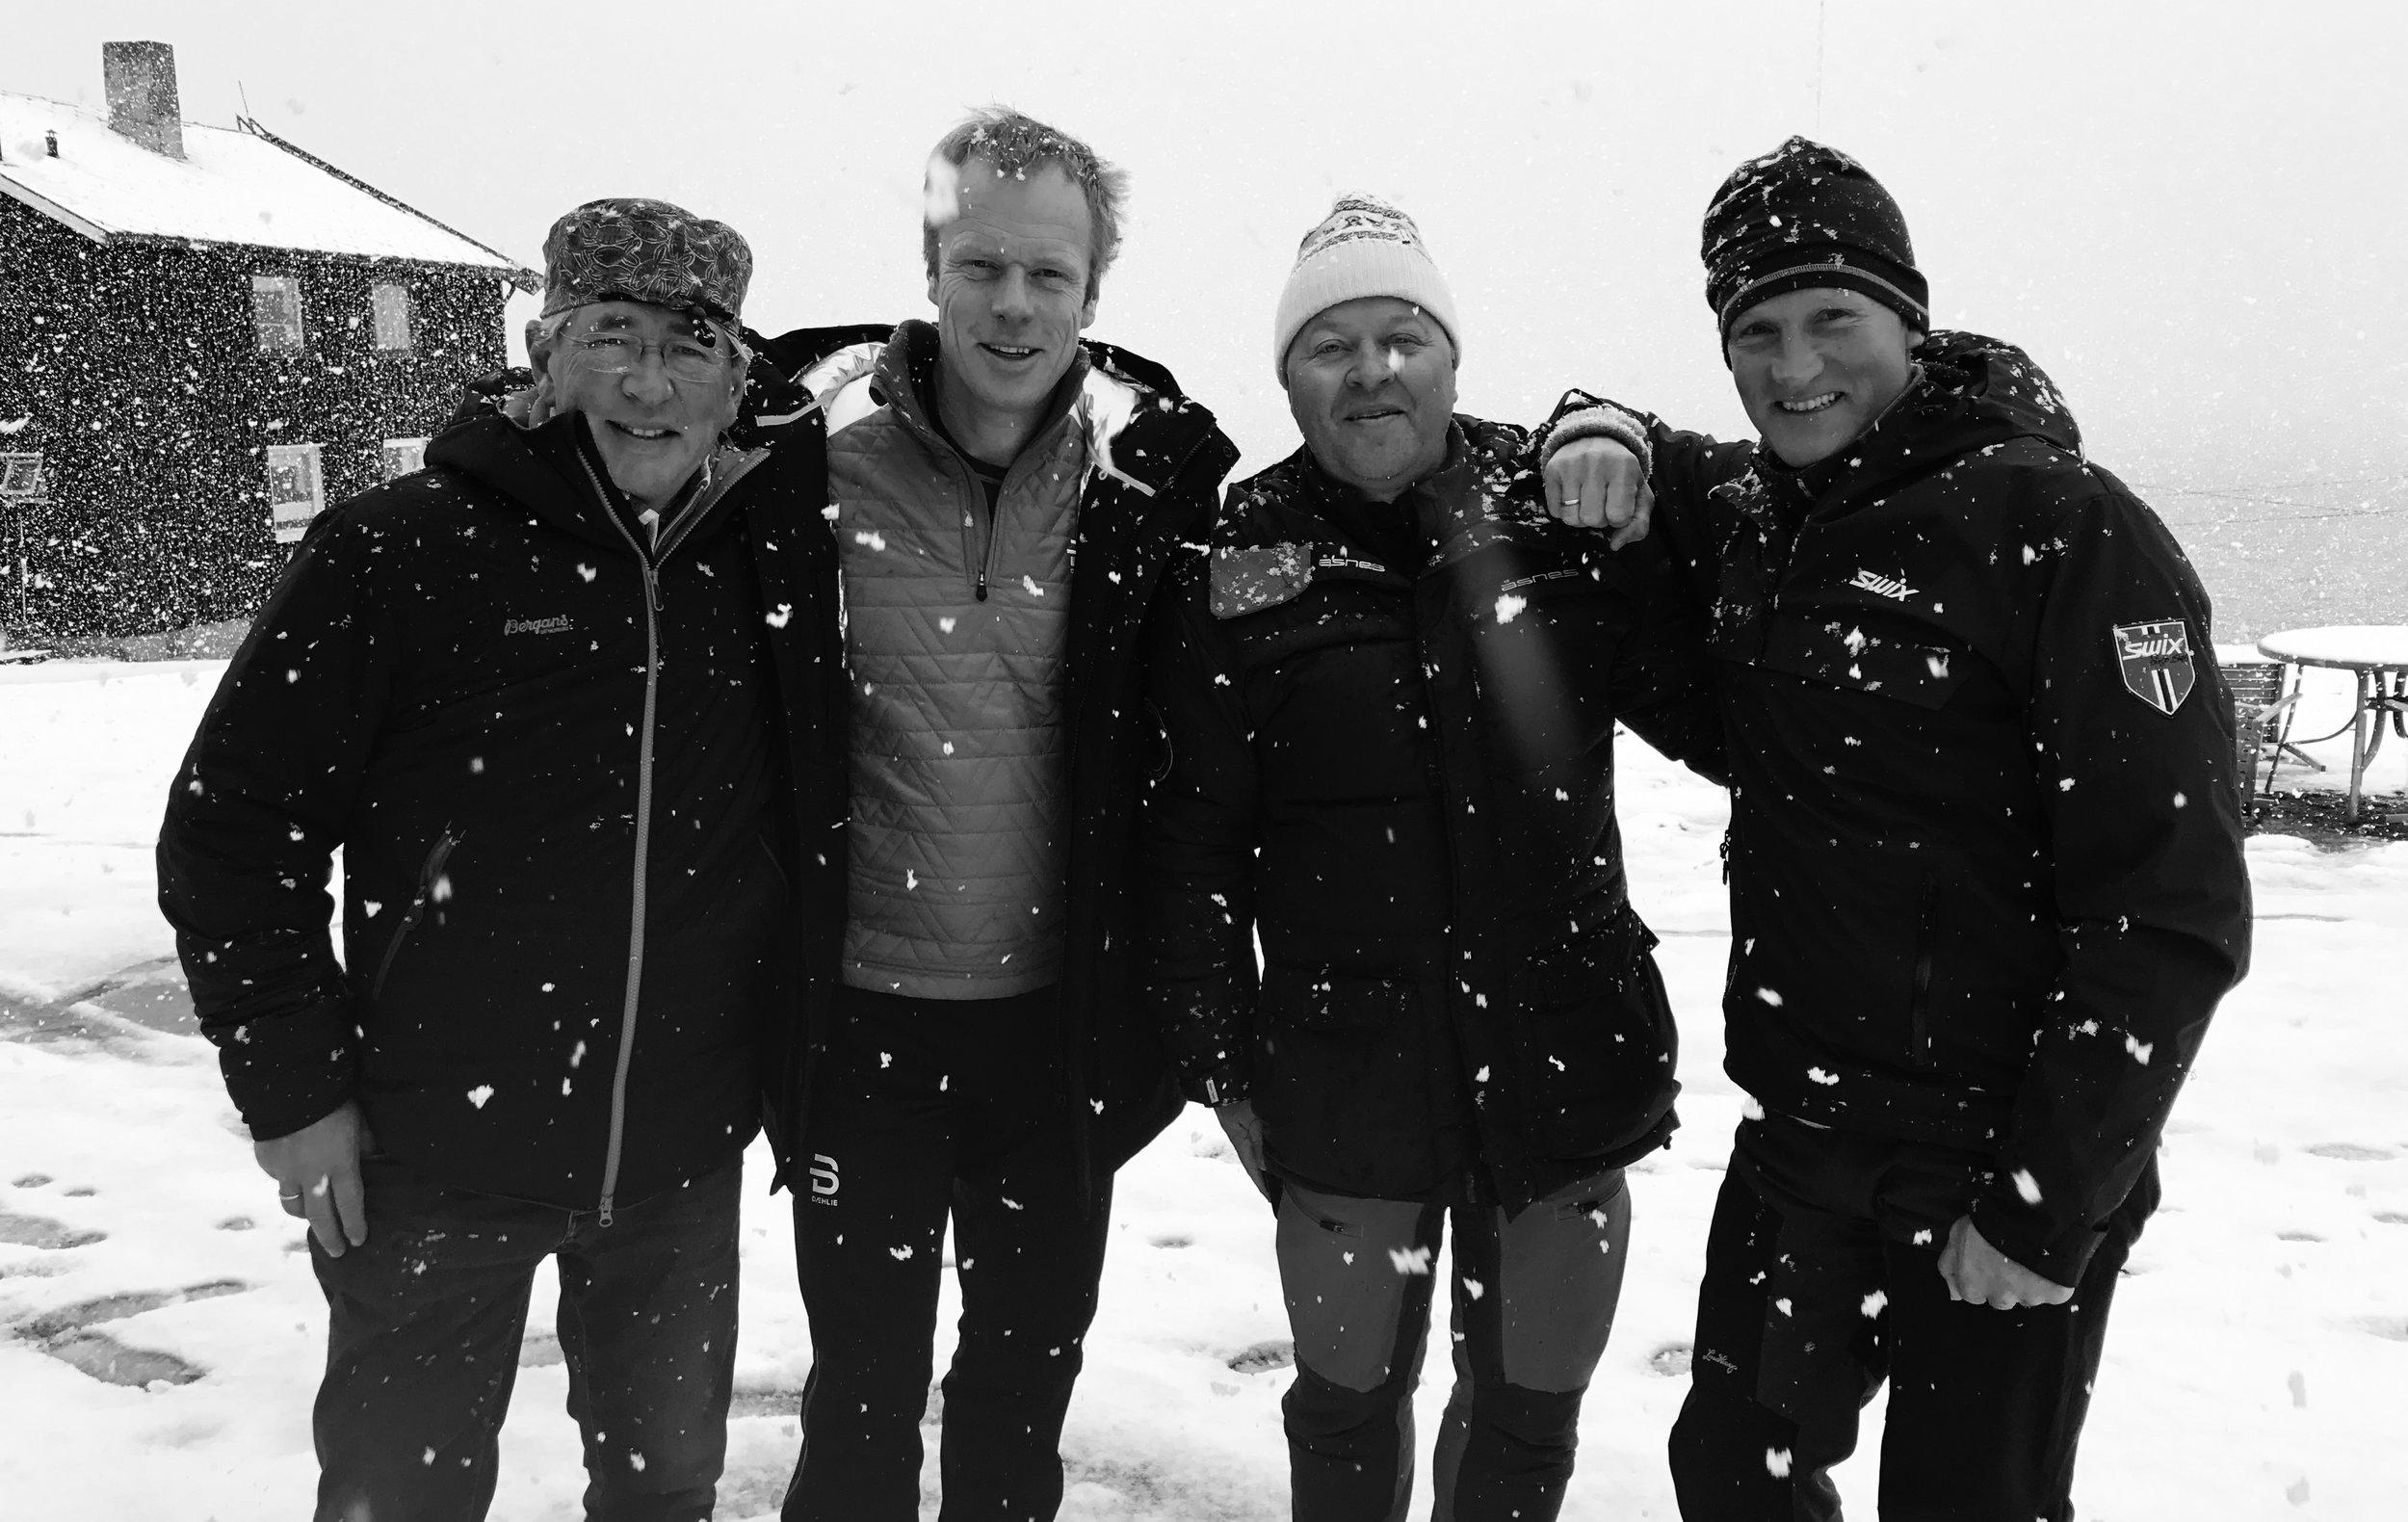 Medeierne: Arne Brimi, Bjørn Dæhlie, Arne Hjeltnes og Vegard Ulvang